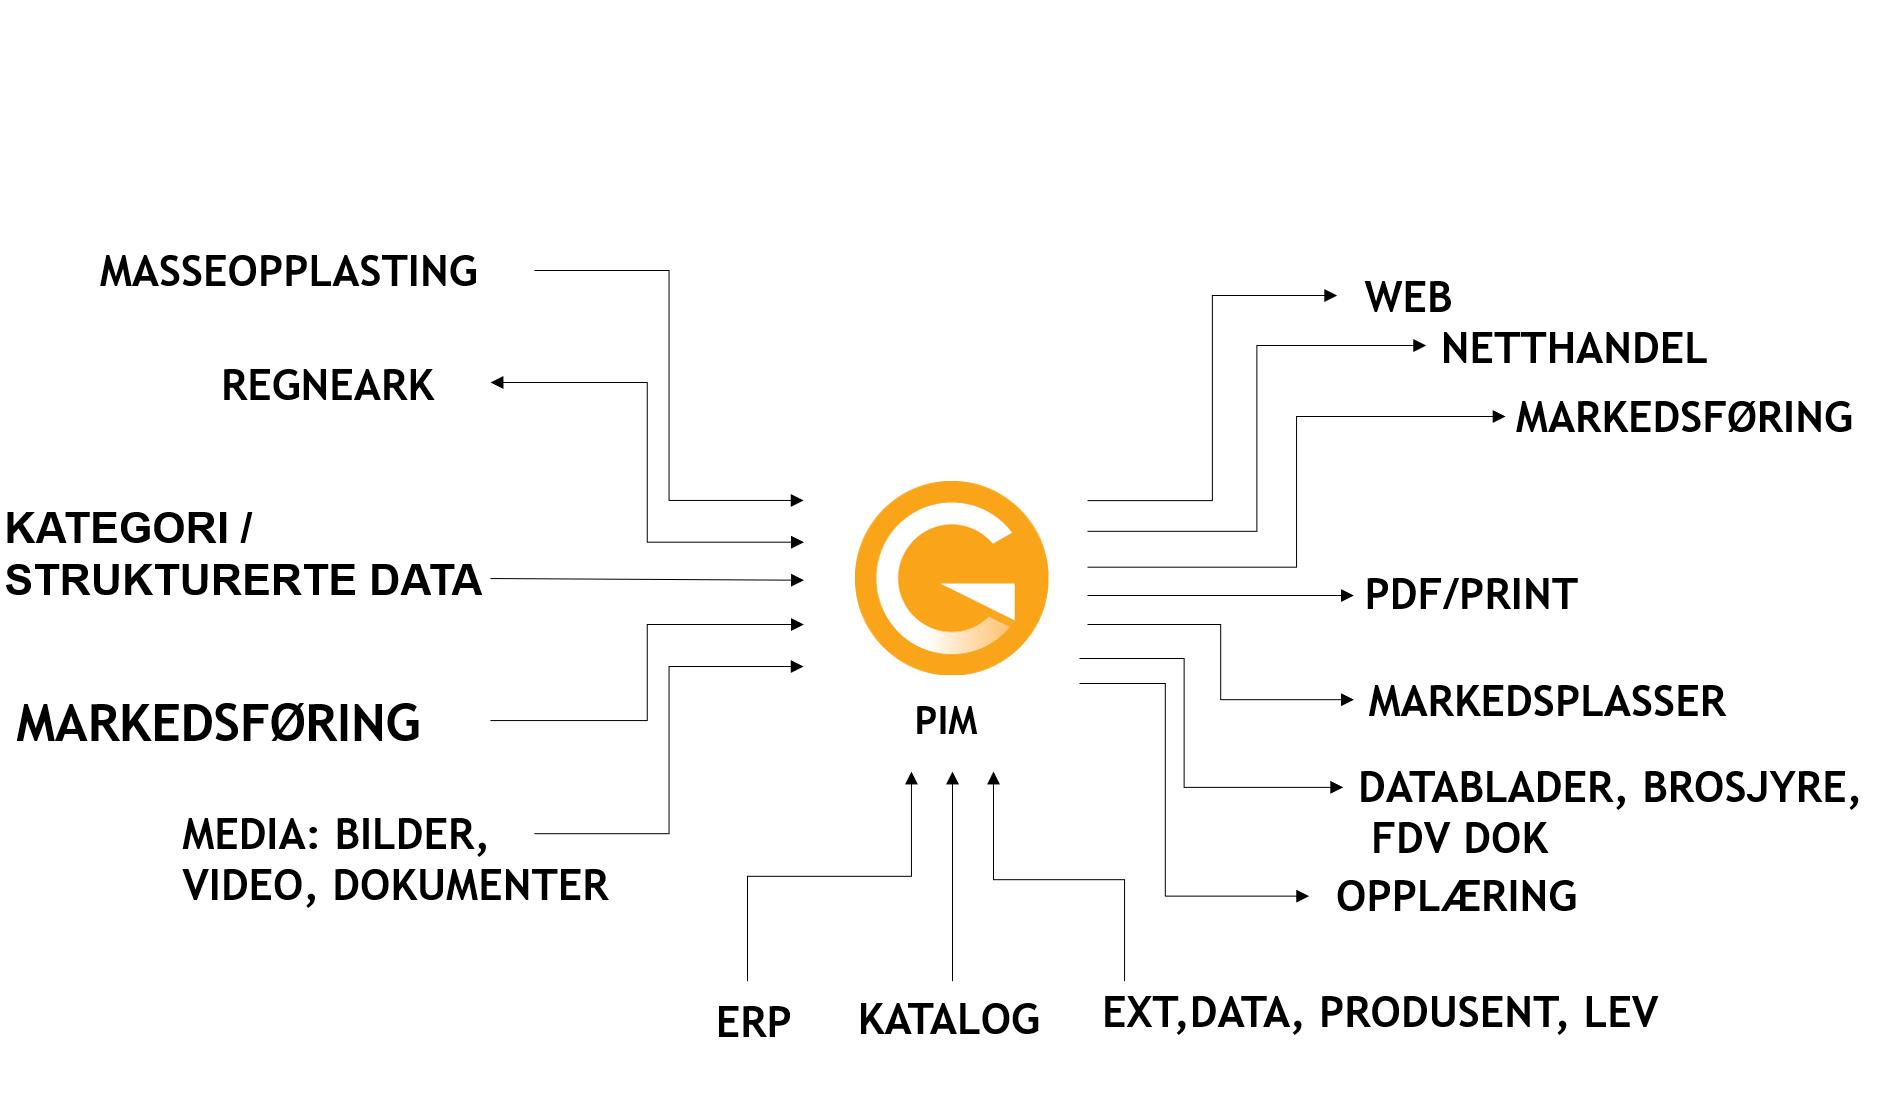 Gurusoft nettbutikkløsning PIM Netthandel| Rapportløsning